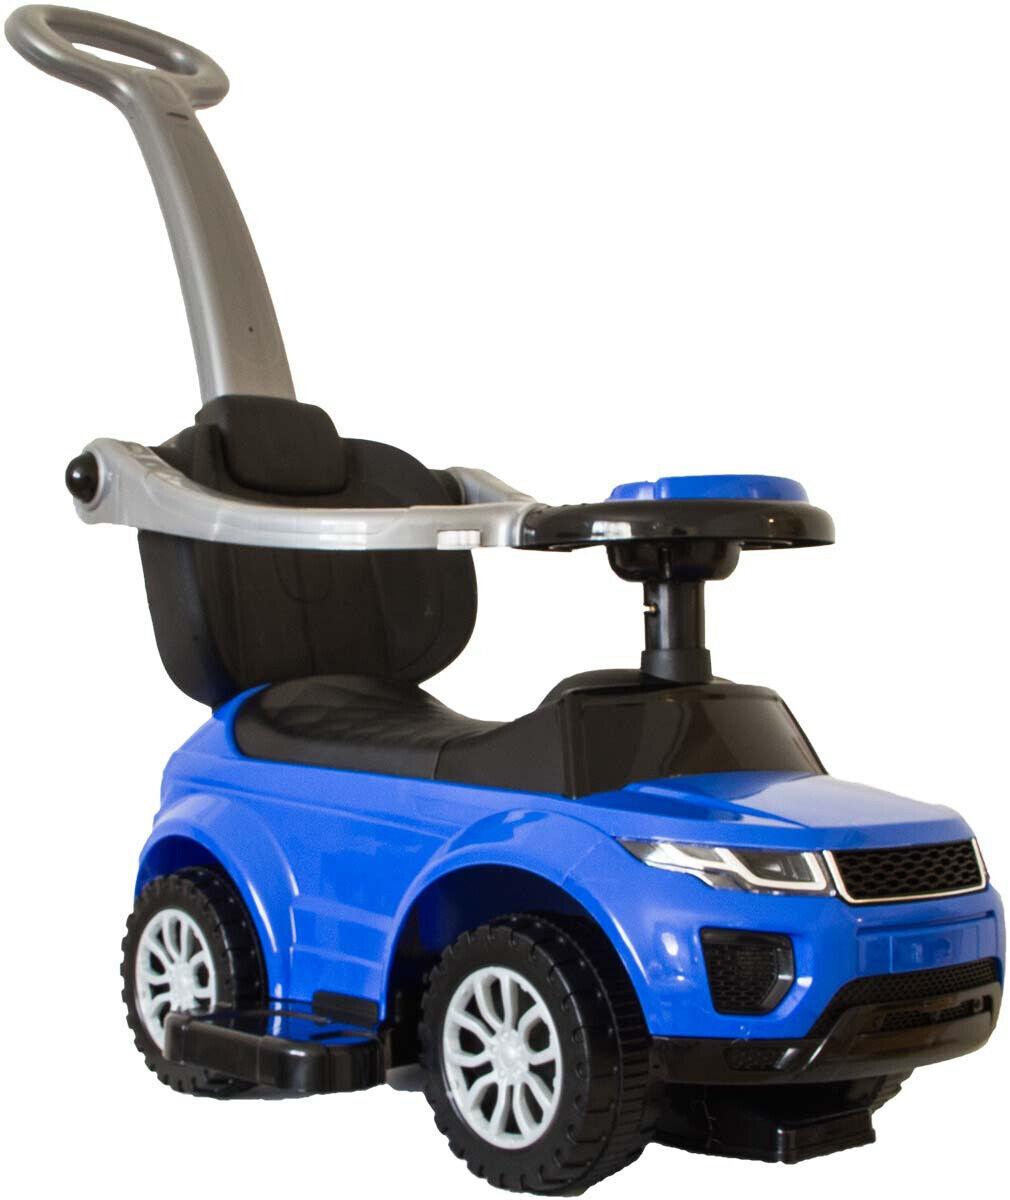 Babyrutscher rot oder blau mit Musik, Licht Schiebestange Rutscherauto Bobby-Car